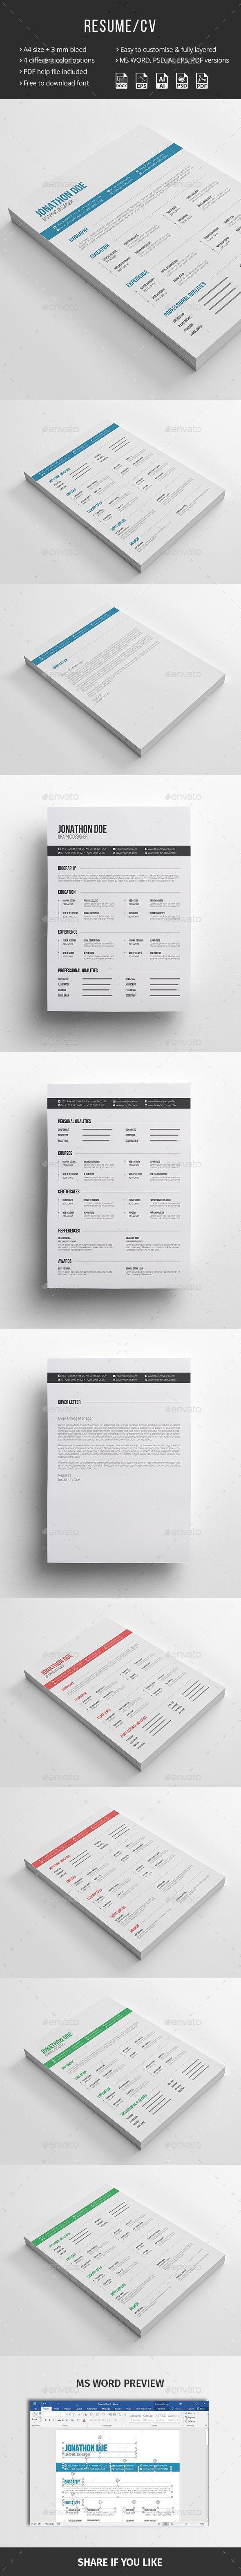 Resume Templates Clean Resume Curriculum Vitae Cv Design